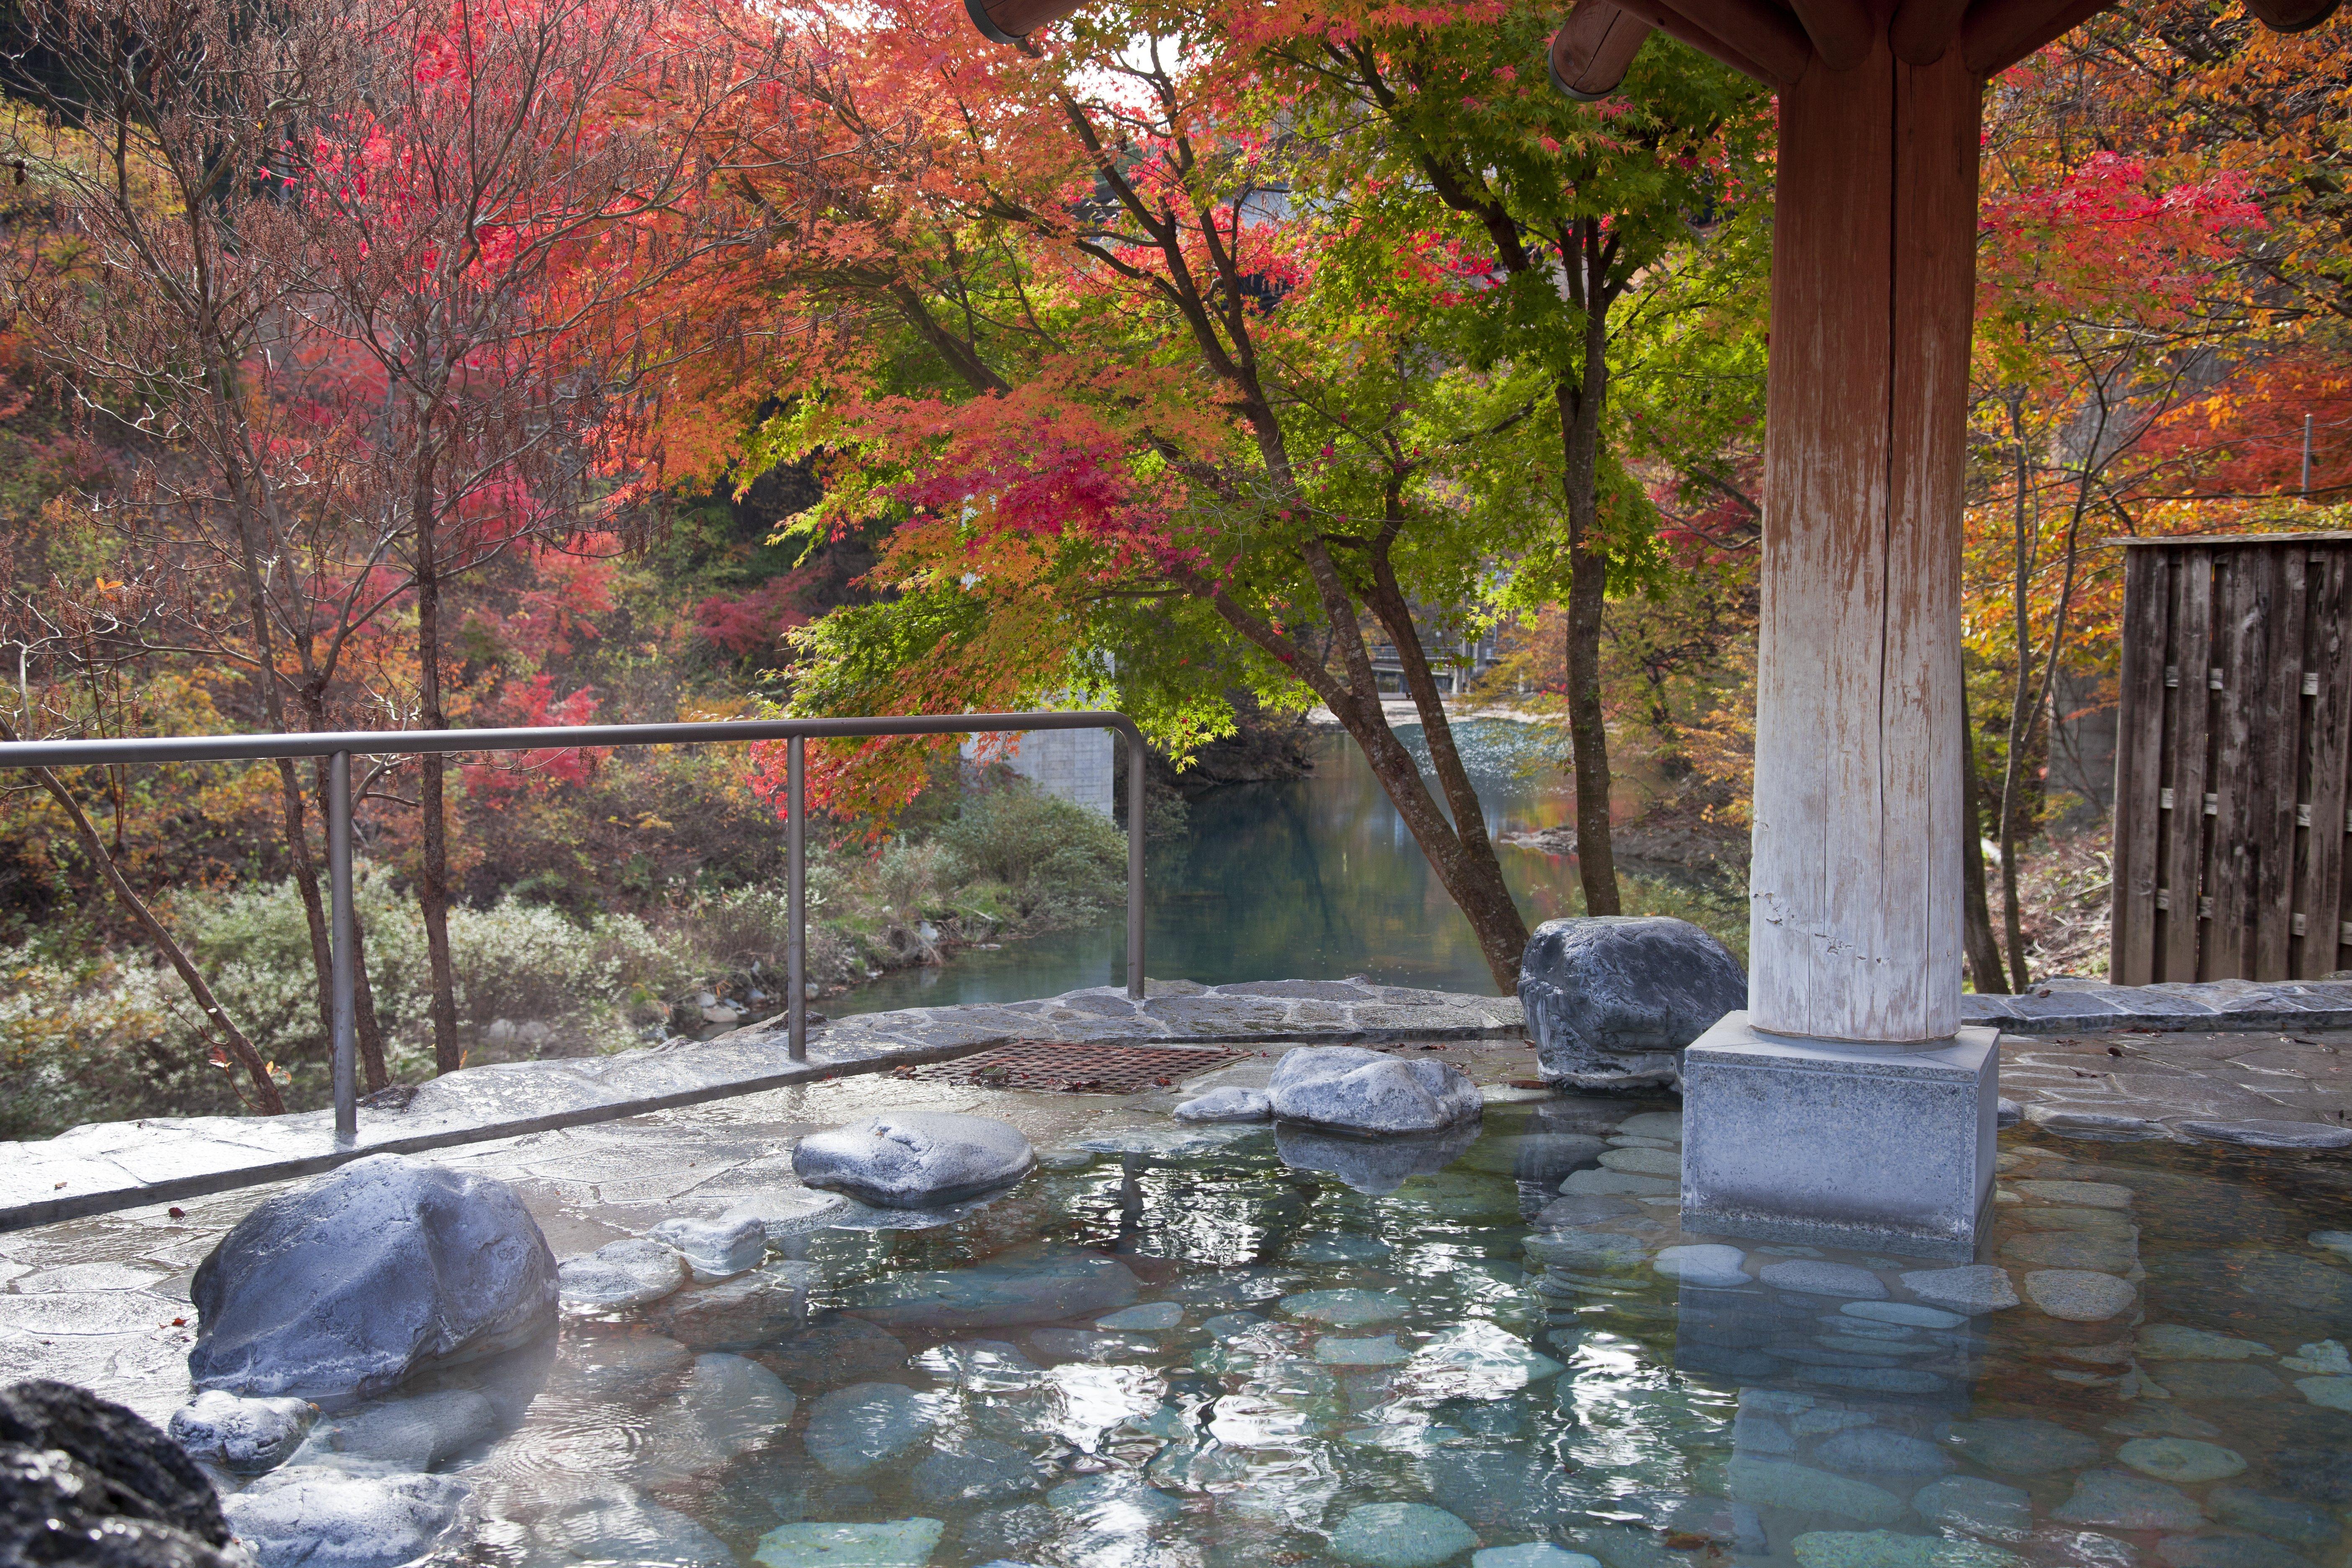 四万清流の湯では、11月中旬まで紅葉を眺めながら湯浴みを楽しめる(写真/四万温泉協会)